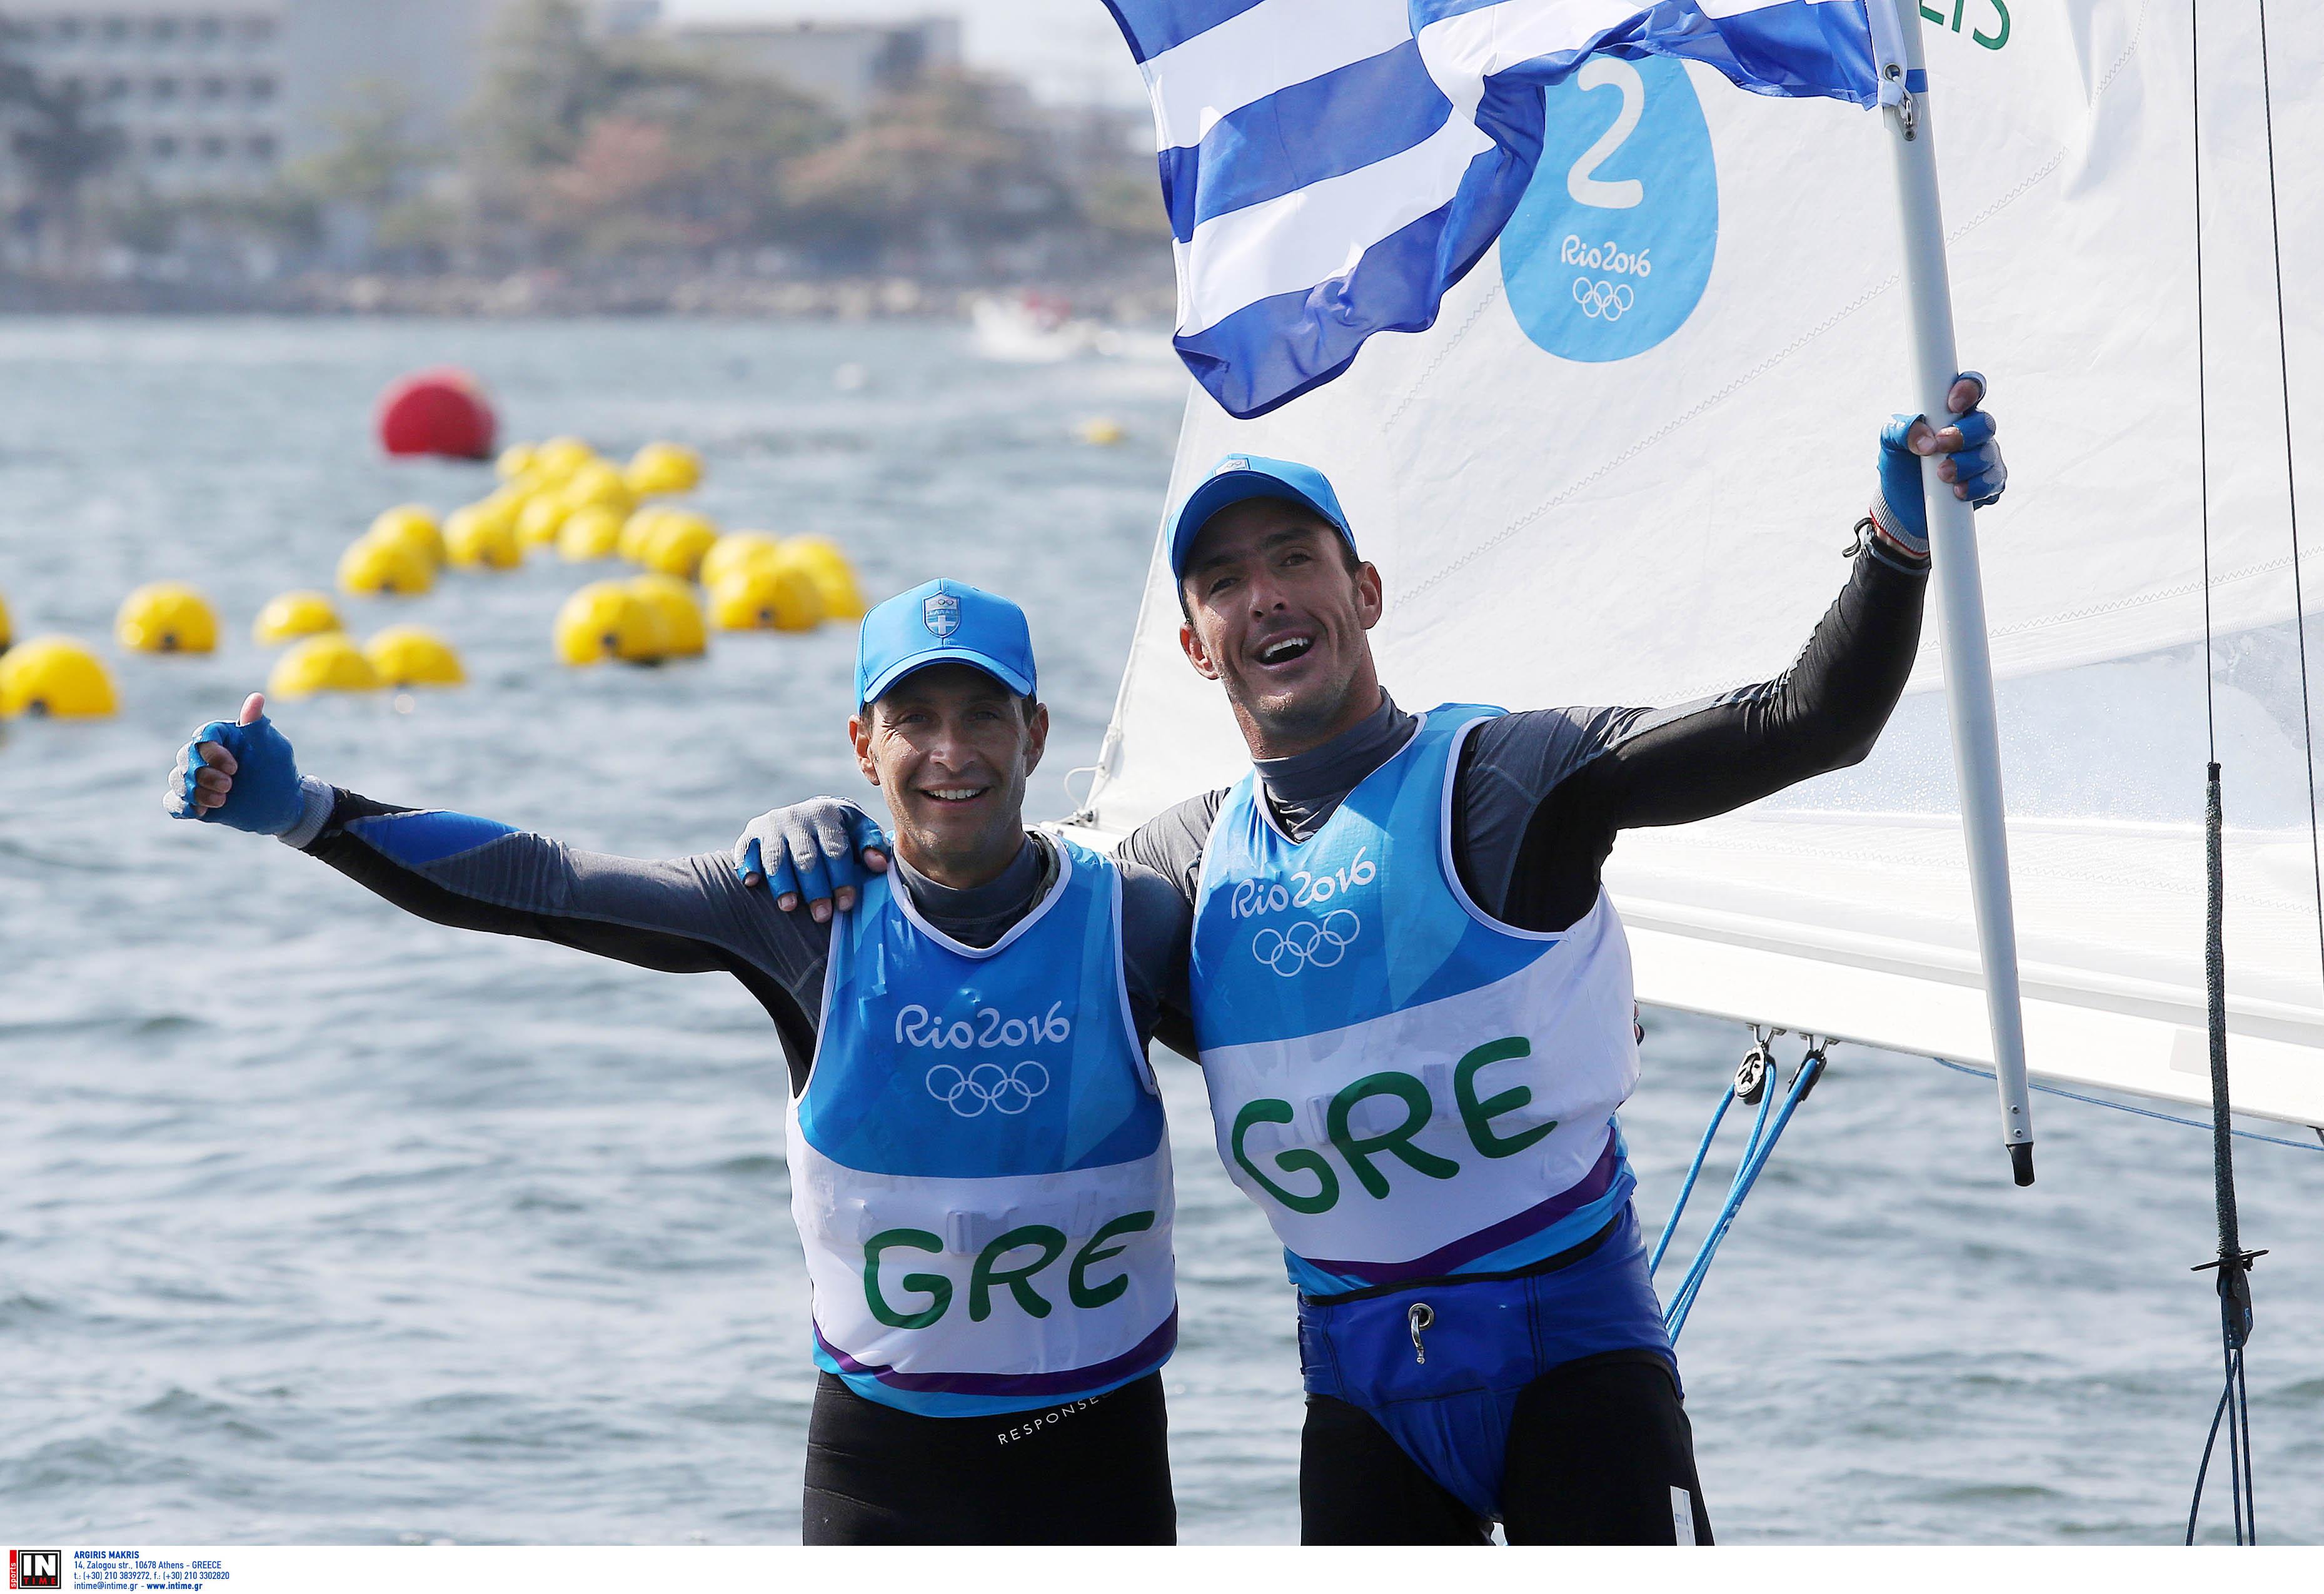 Ολυμπιακοί Αγώνες: Στην τέταρτη θέση οι Μάντης και Καγιαλής μετά την τέταρτη ιστιοδρομία